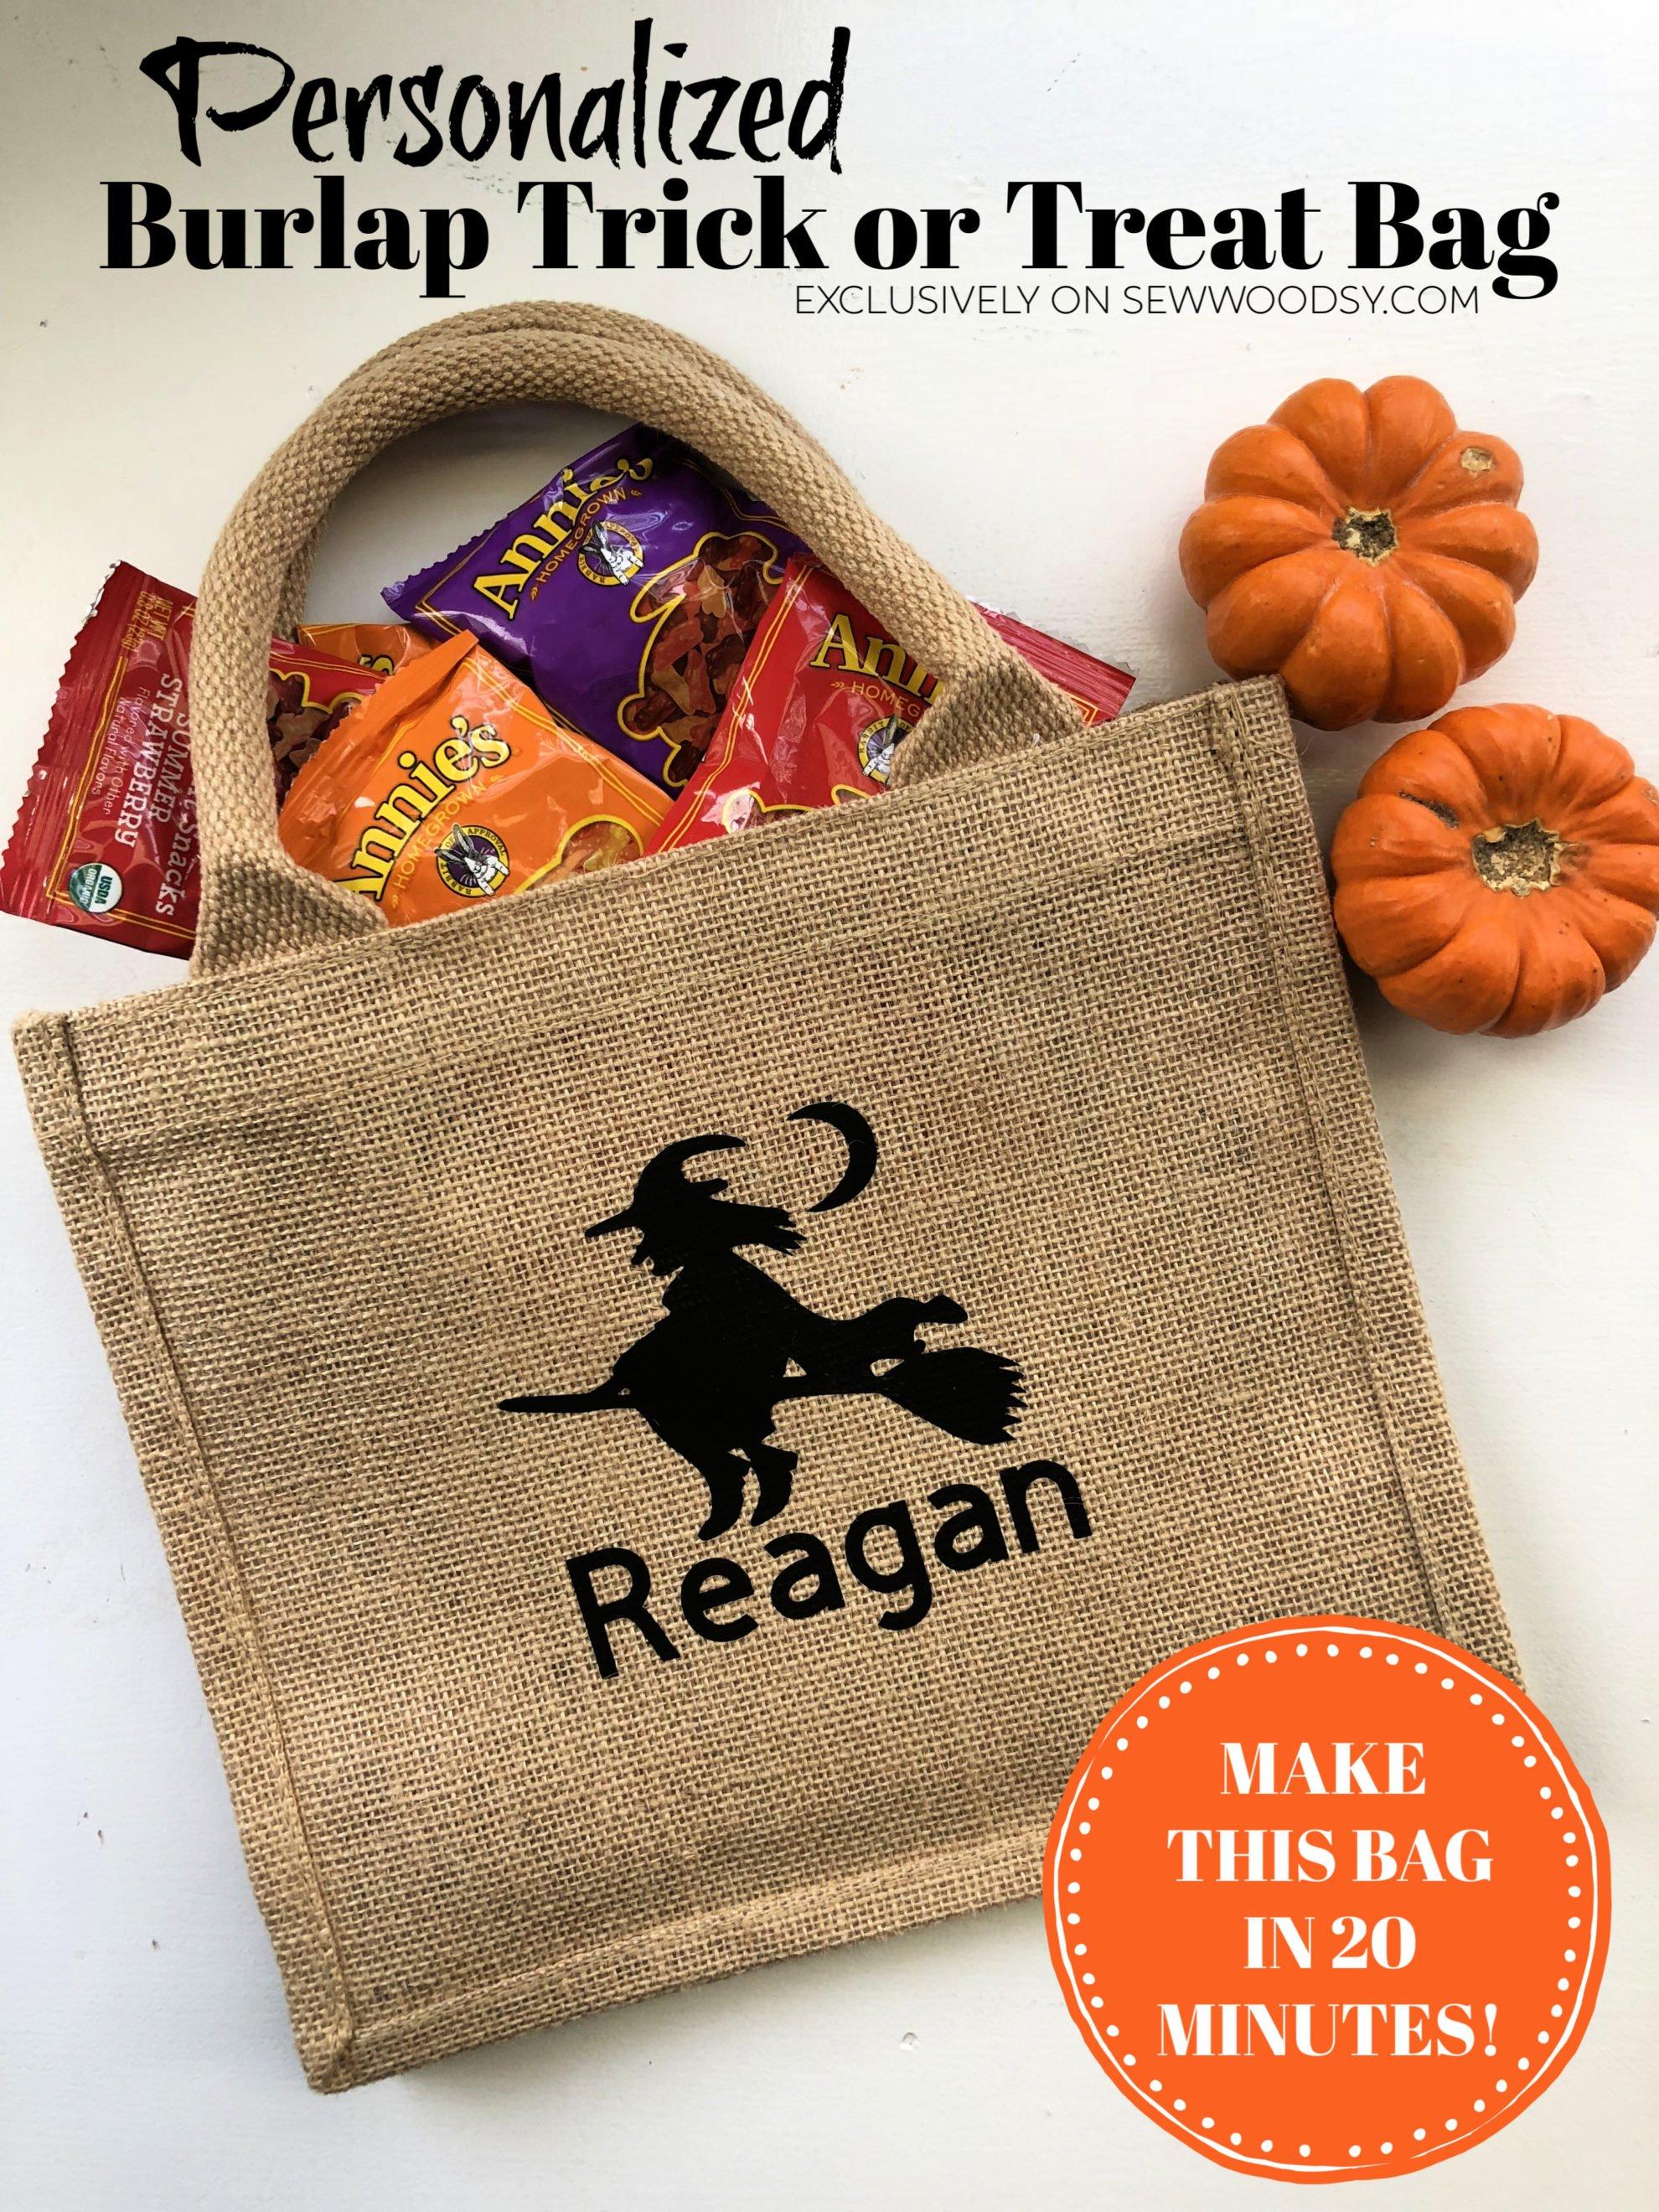 Personalized Burlap Trick or Treat Bag